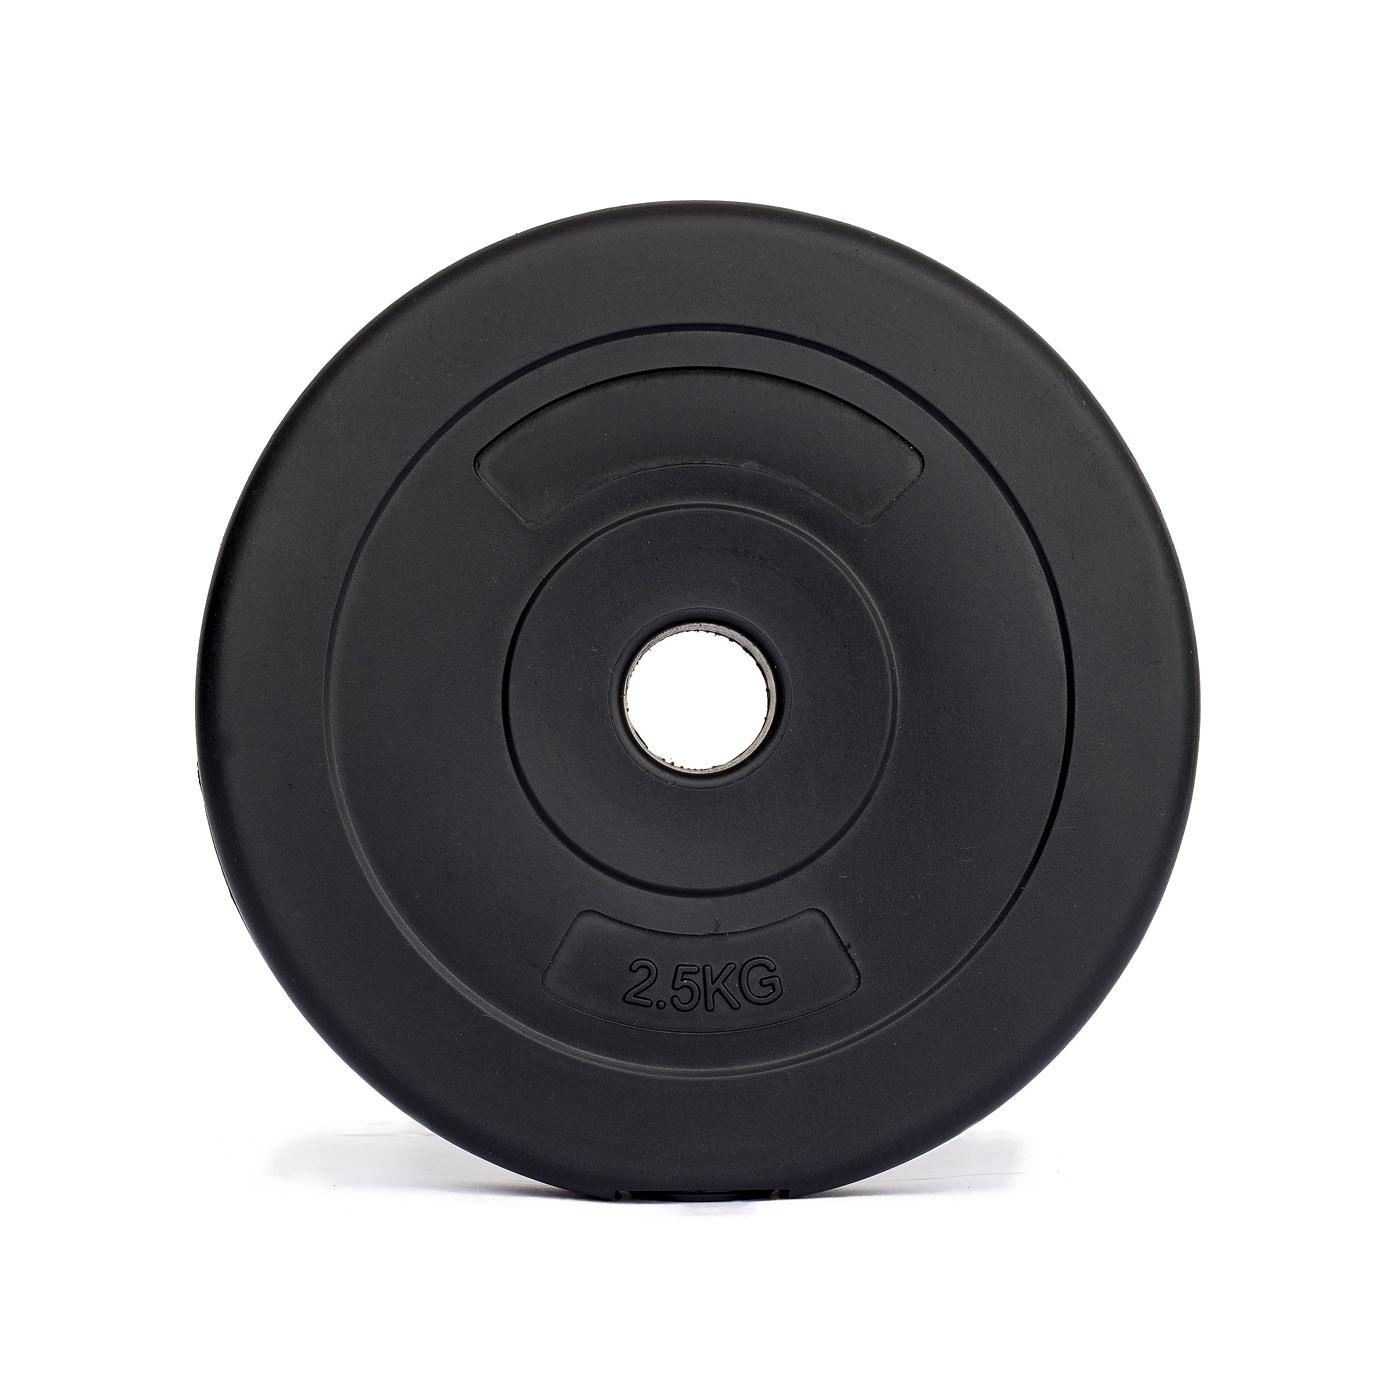 Kotouč cementový TRINFIT 2,5 kg / 30 mm